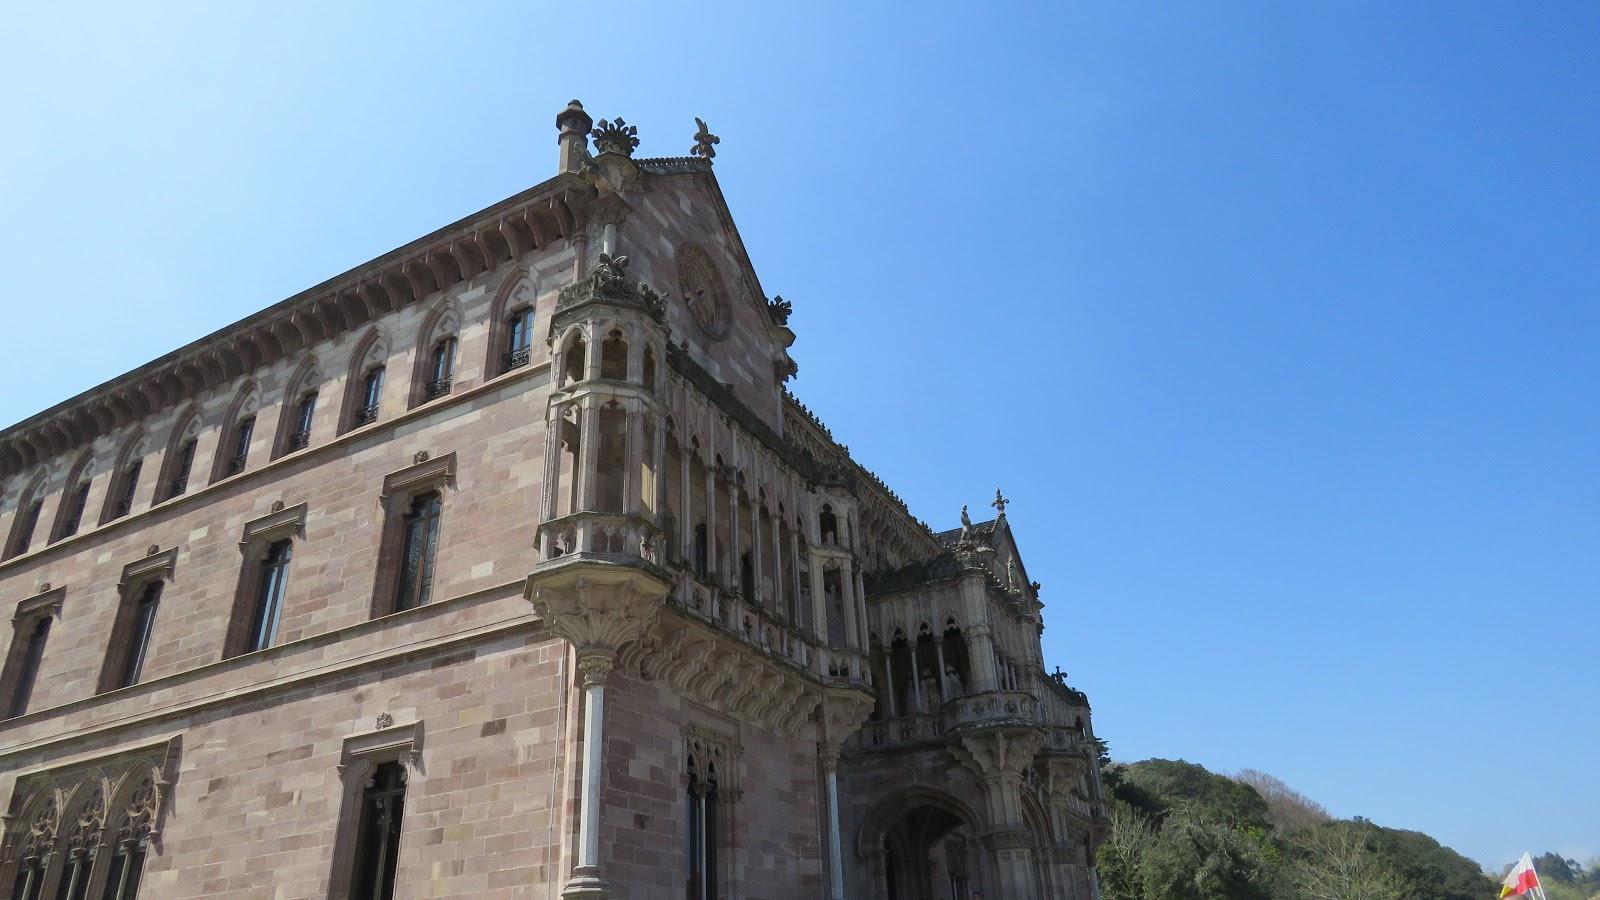 Qu Ver En Comillas Itinerario Conmimochilacuestas # Muebles Gaudi Guadalajara